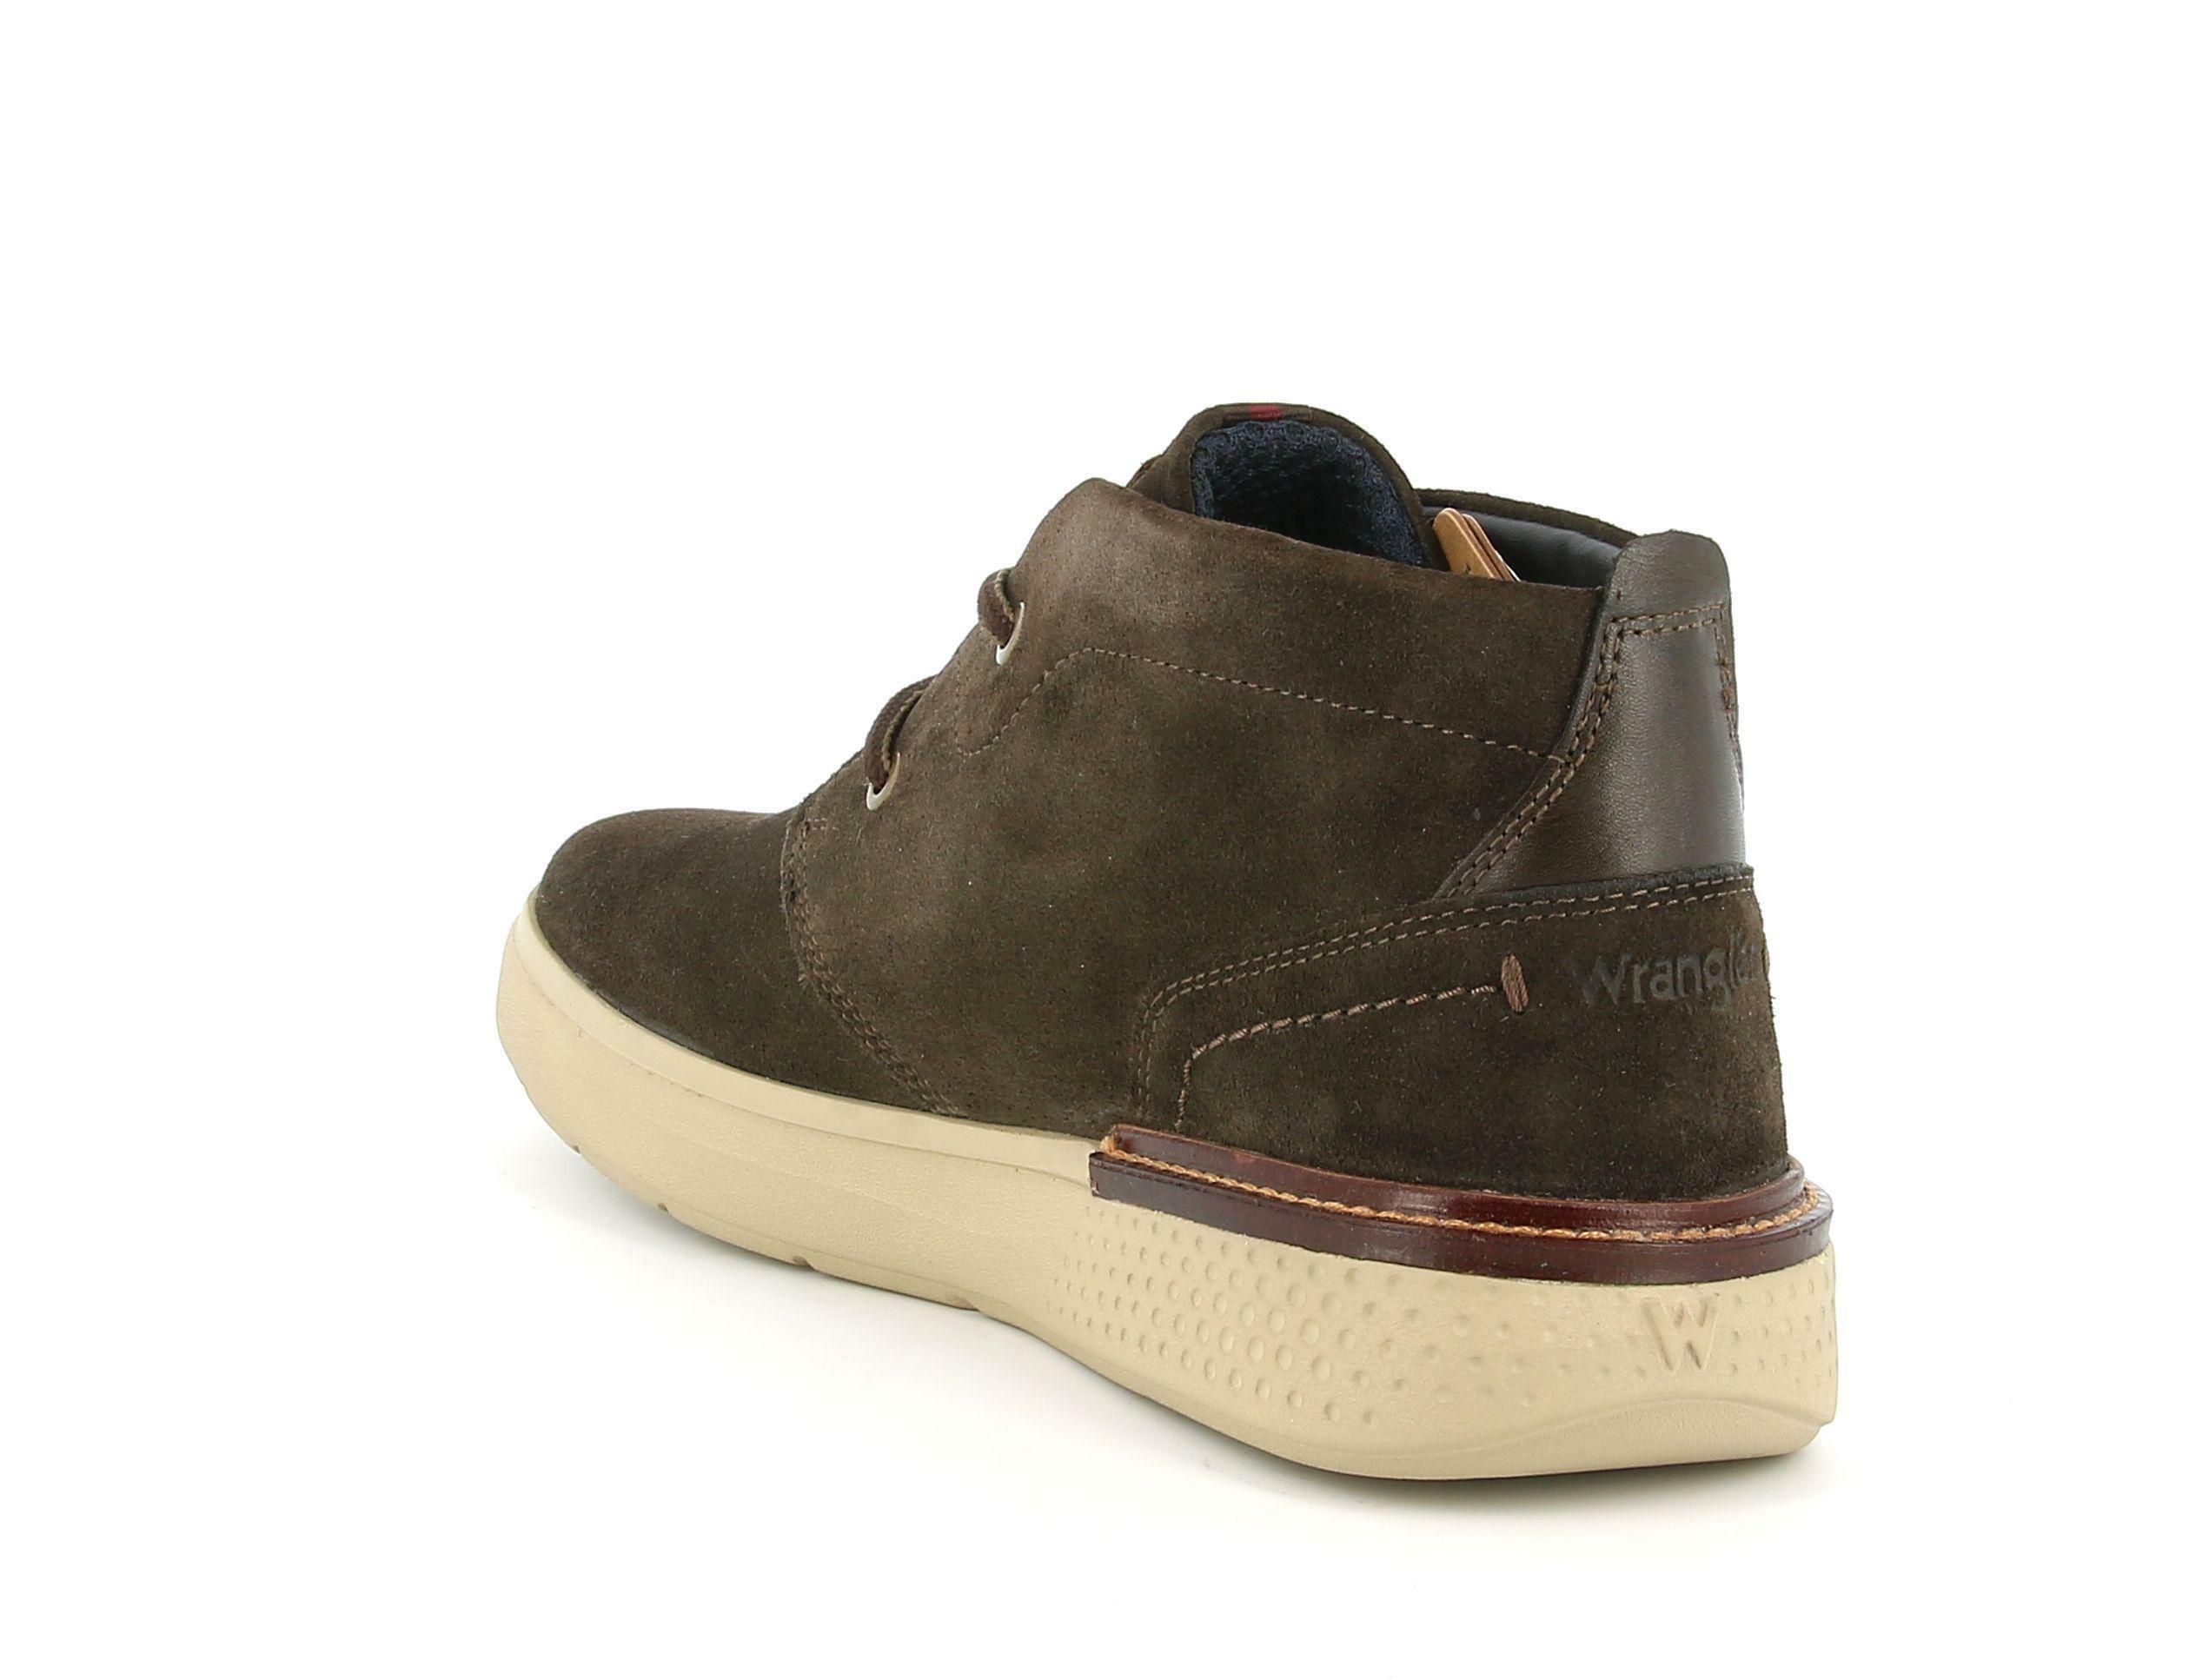 wrangler wrangler polacco wm02036a marrone sneakers uomo